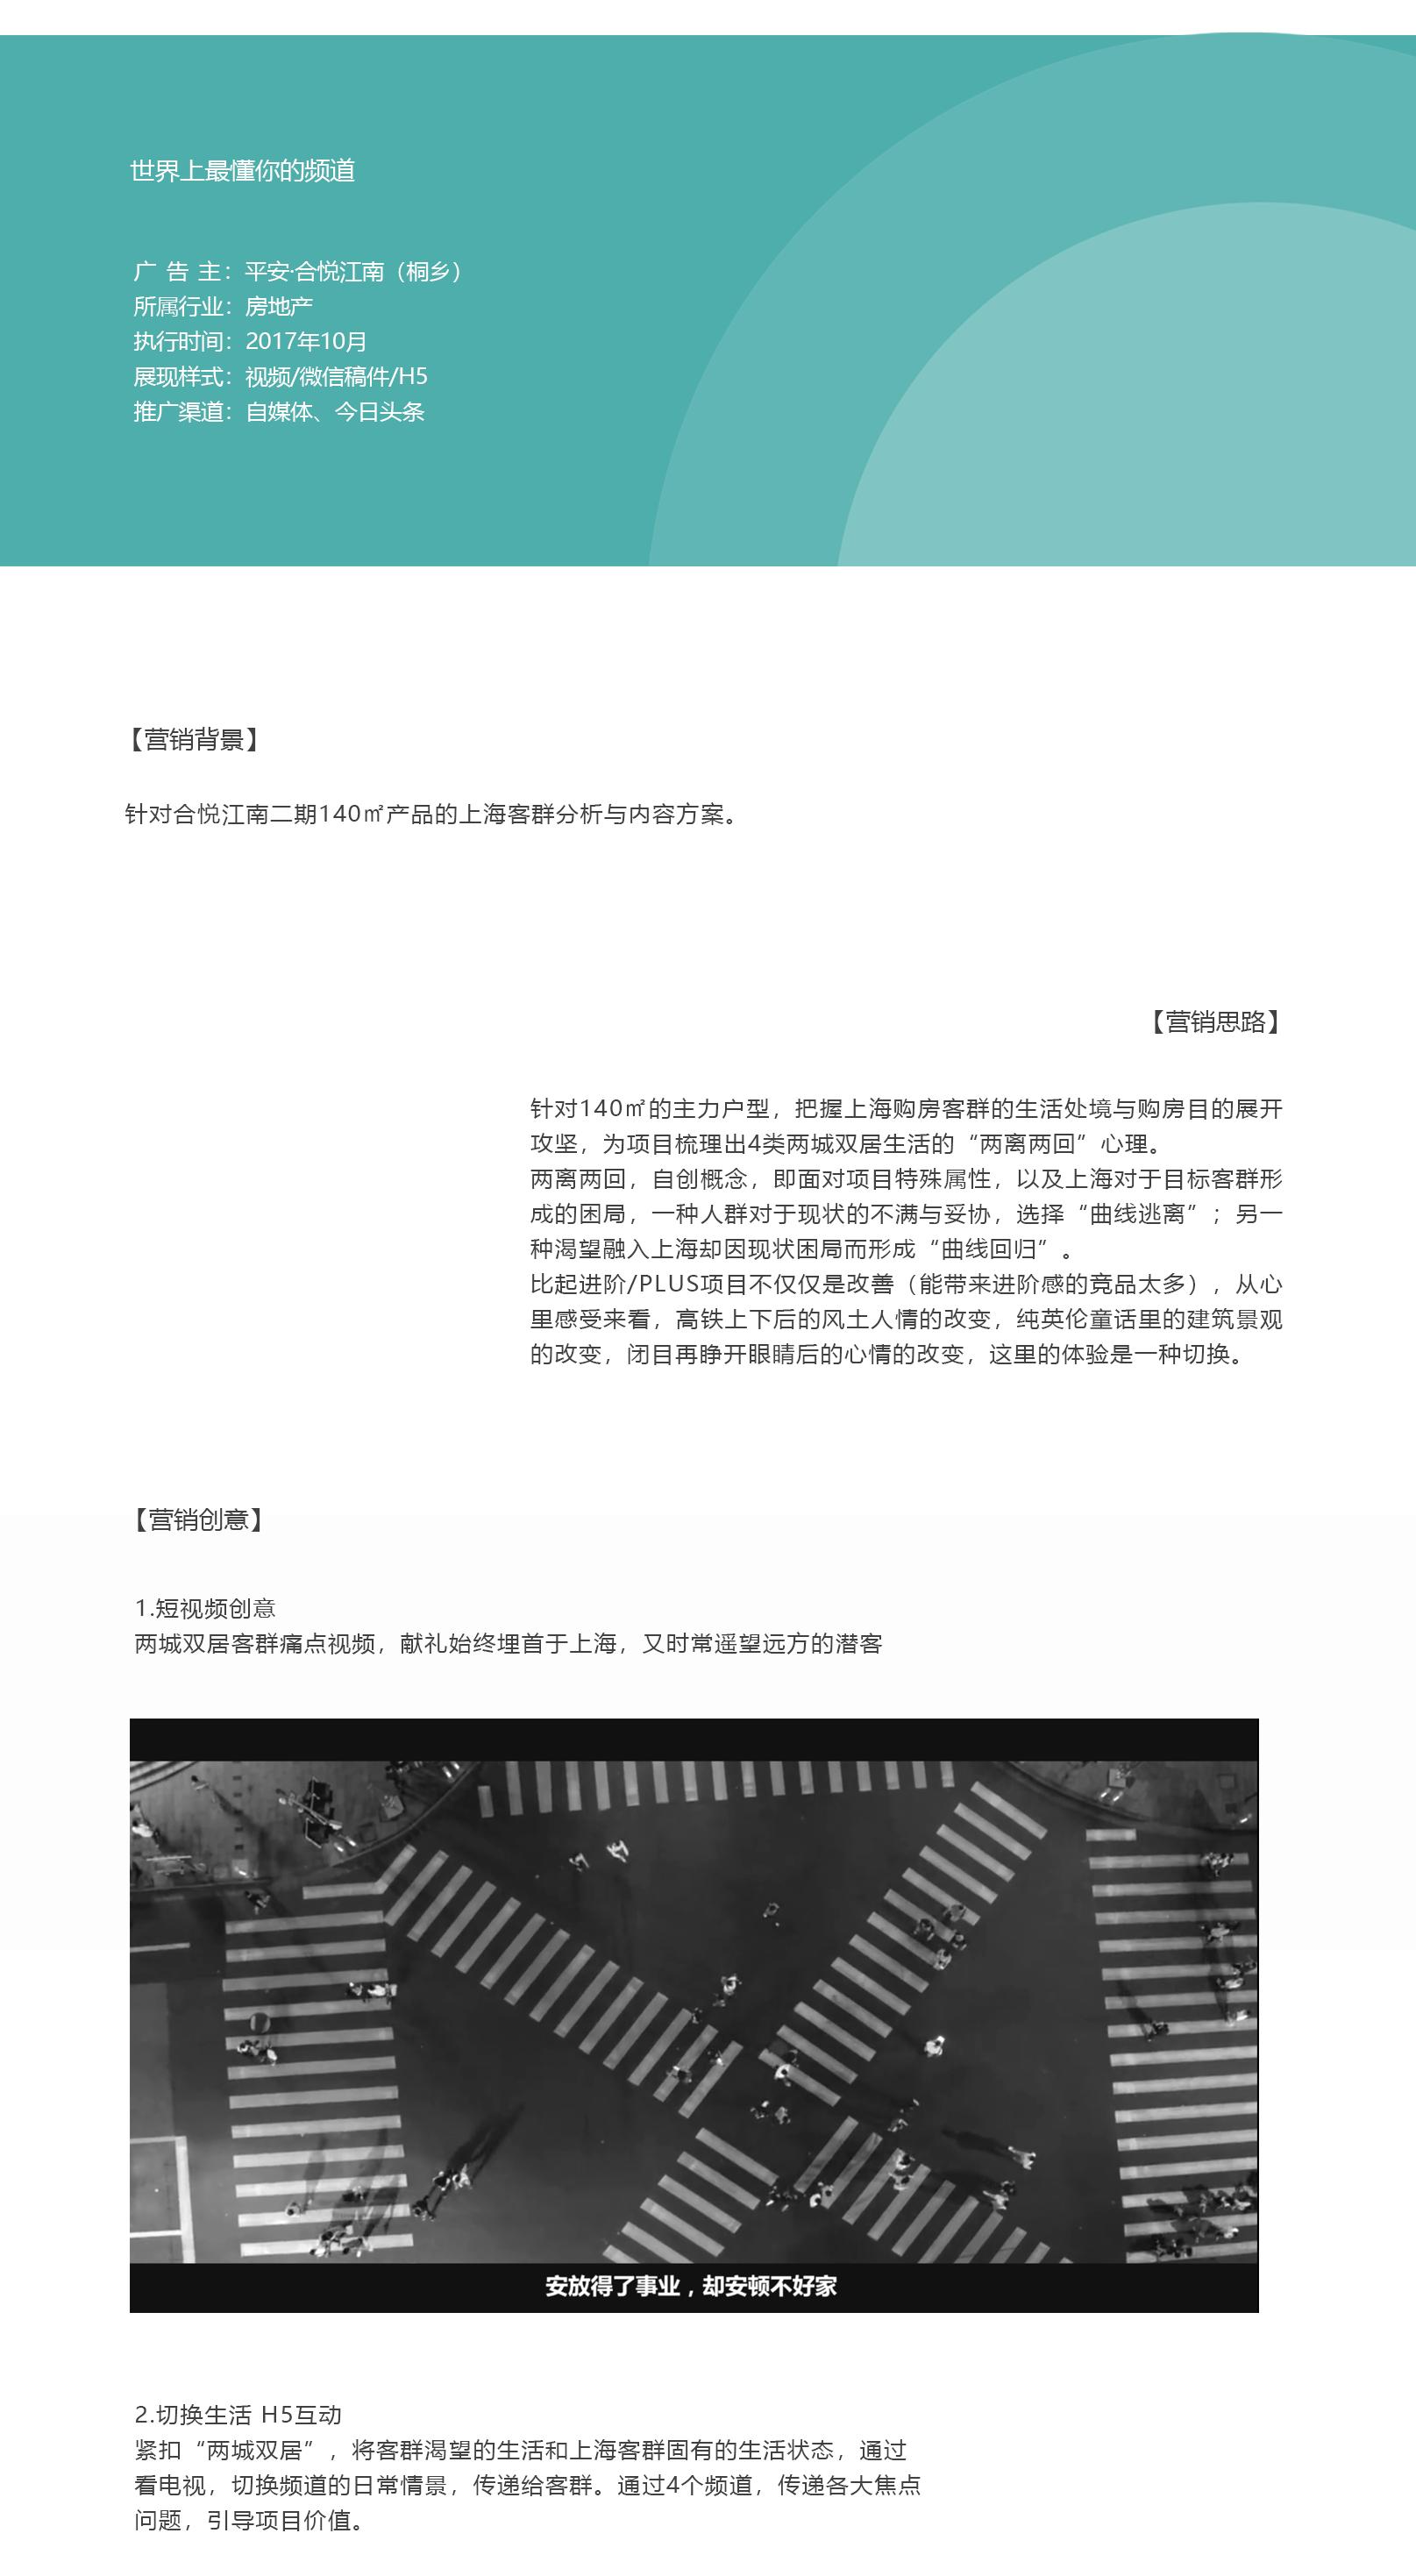 案例山鼎儿童王国_01